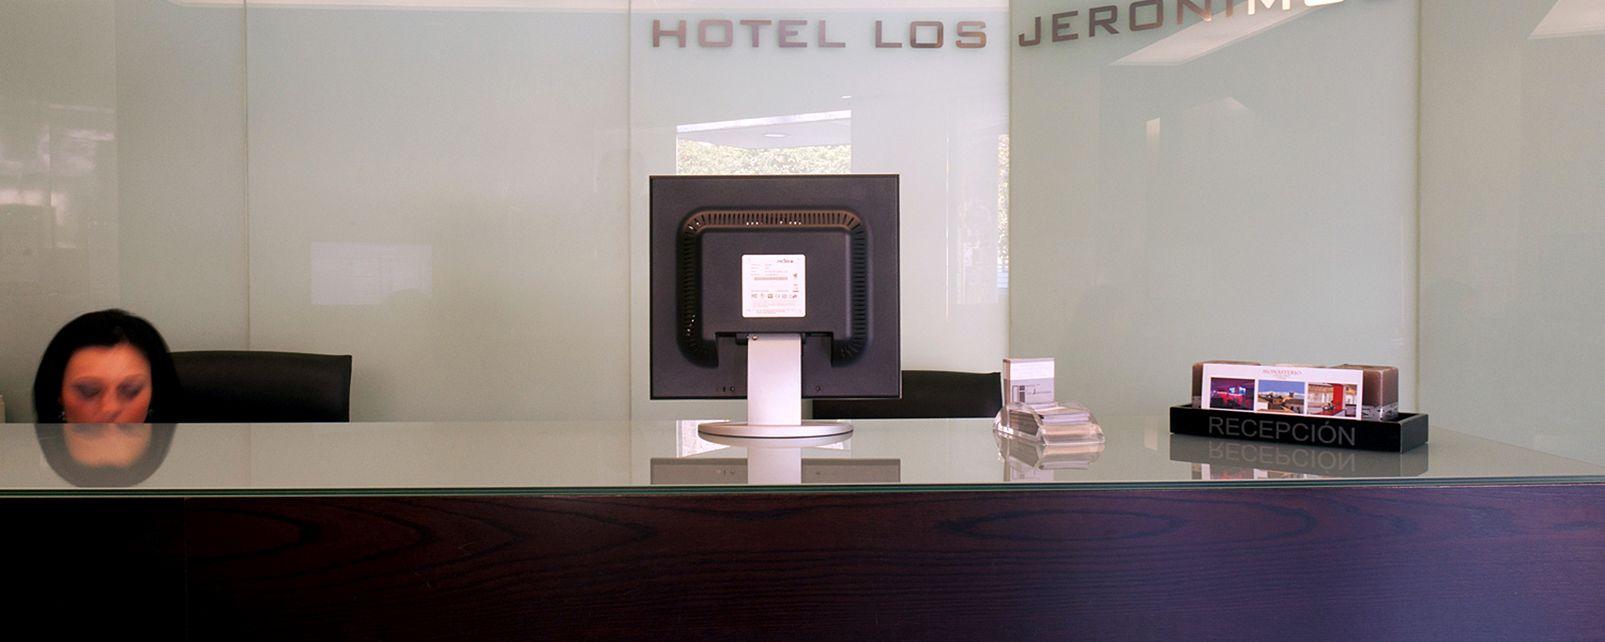 Hôtel Los Jerónimos